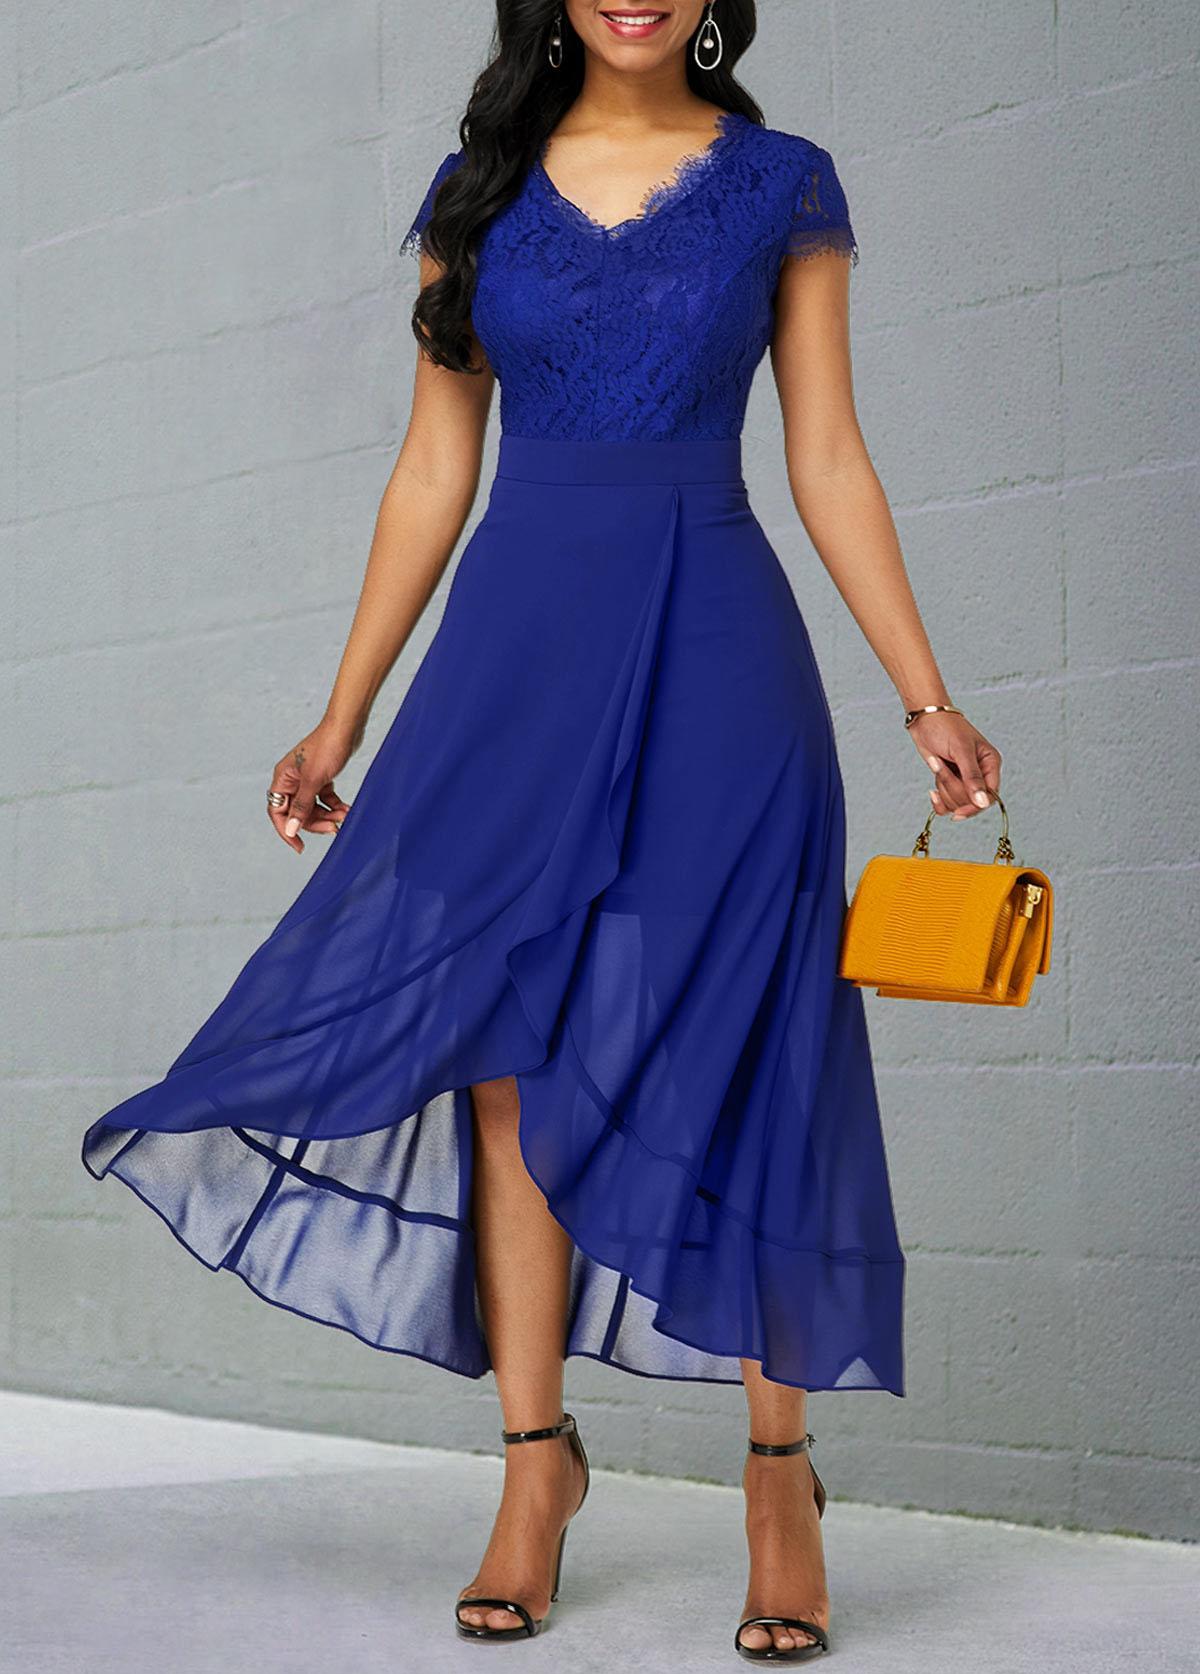 ROTITA Lace Patchwork Short Sleeve Chiffon Dress